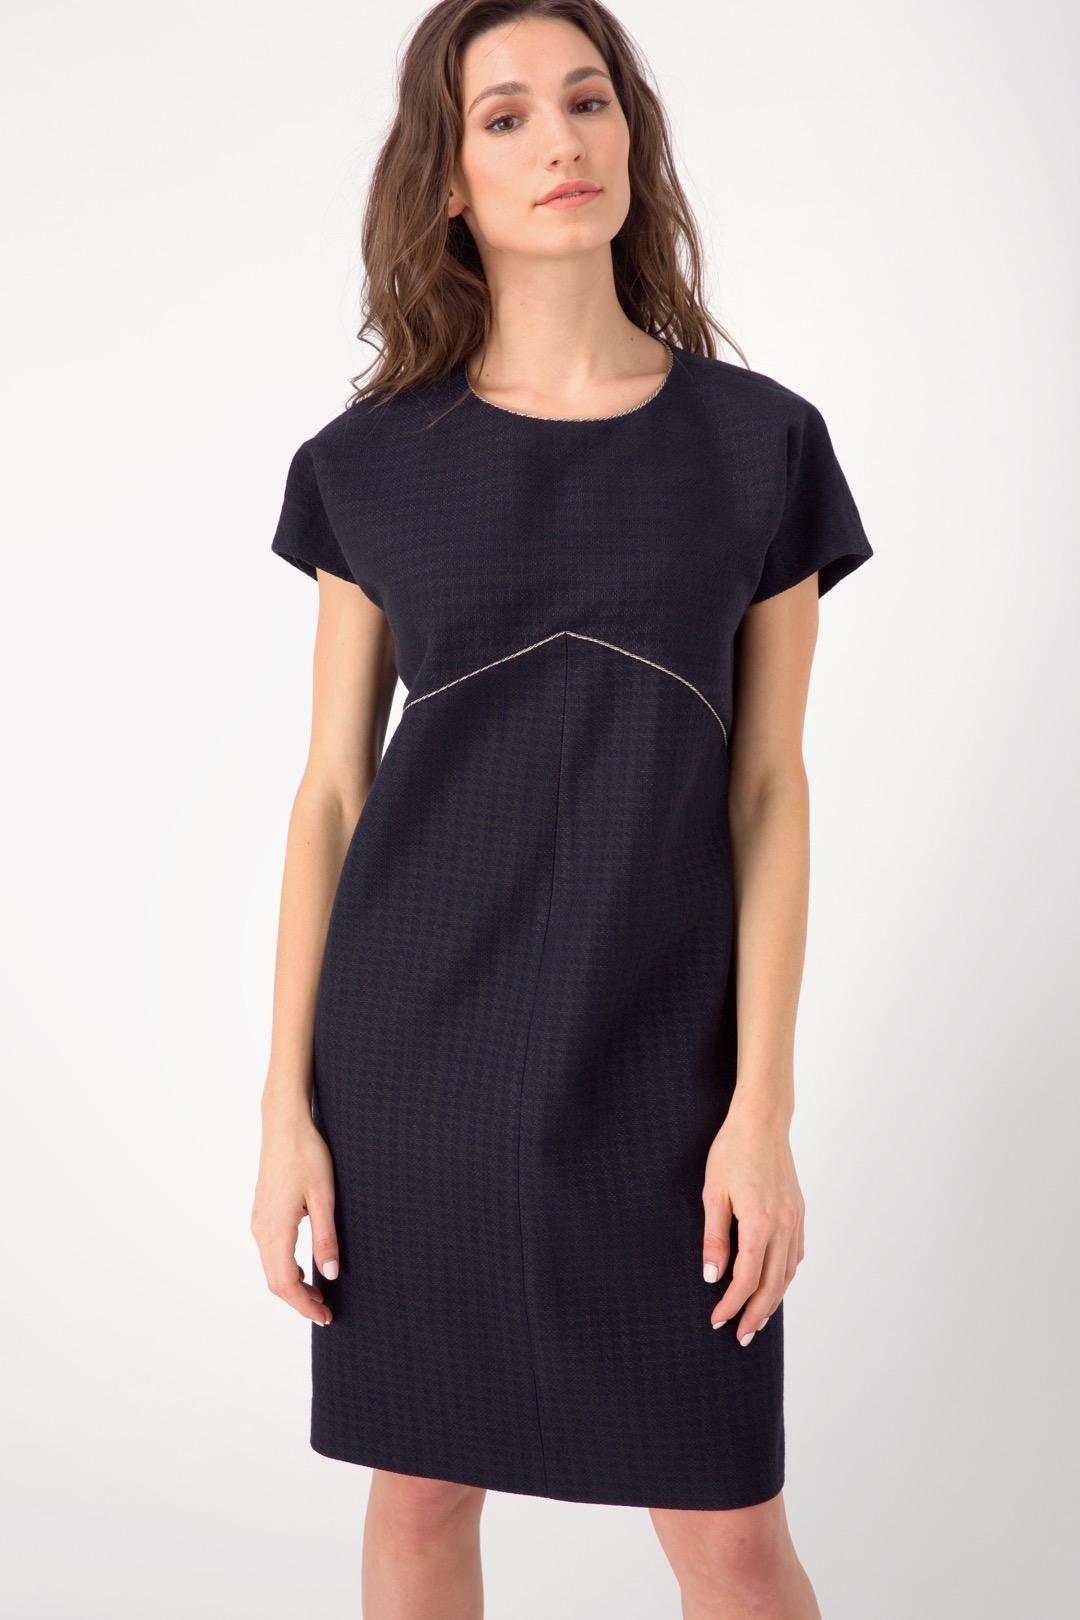 Черное платье-баллон с декоративной тесьмой